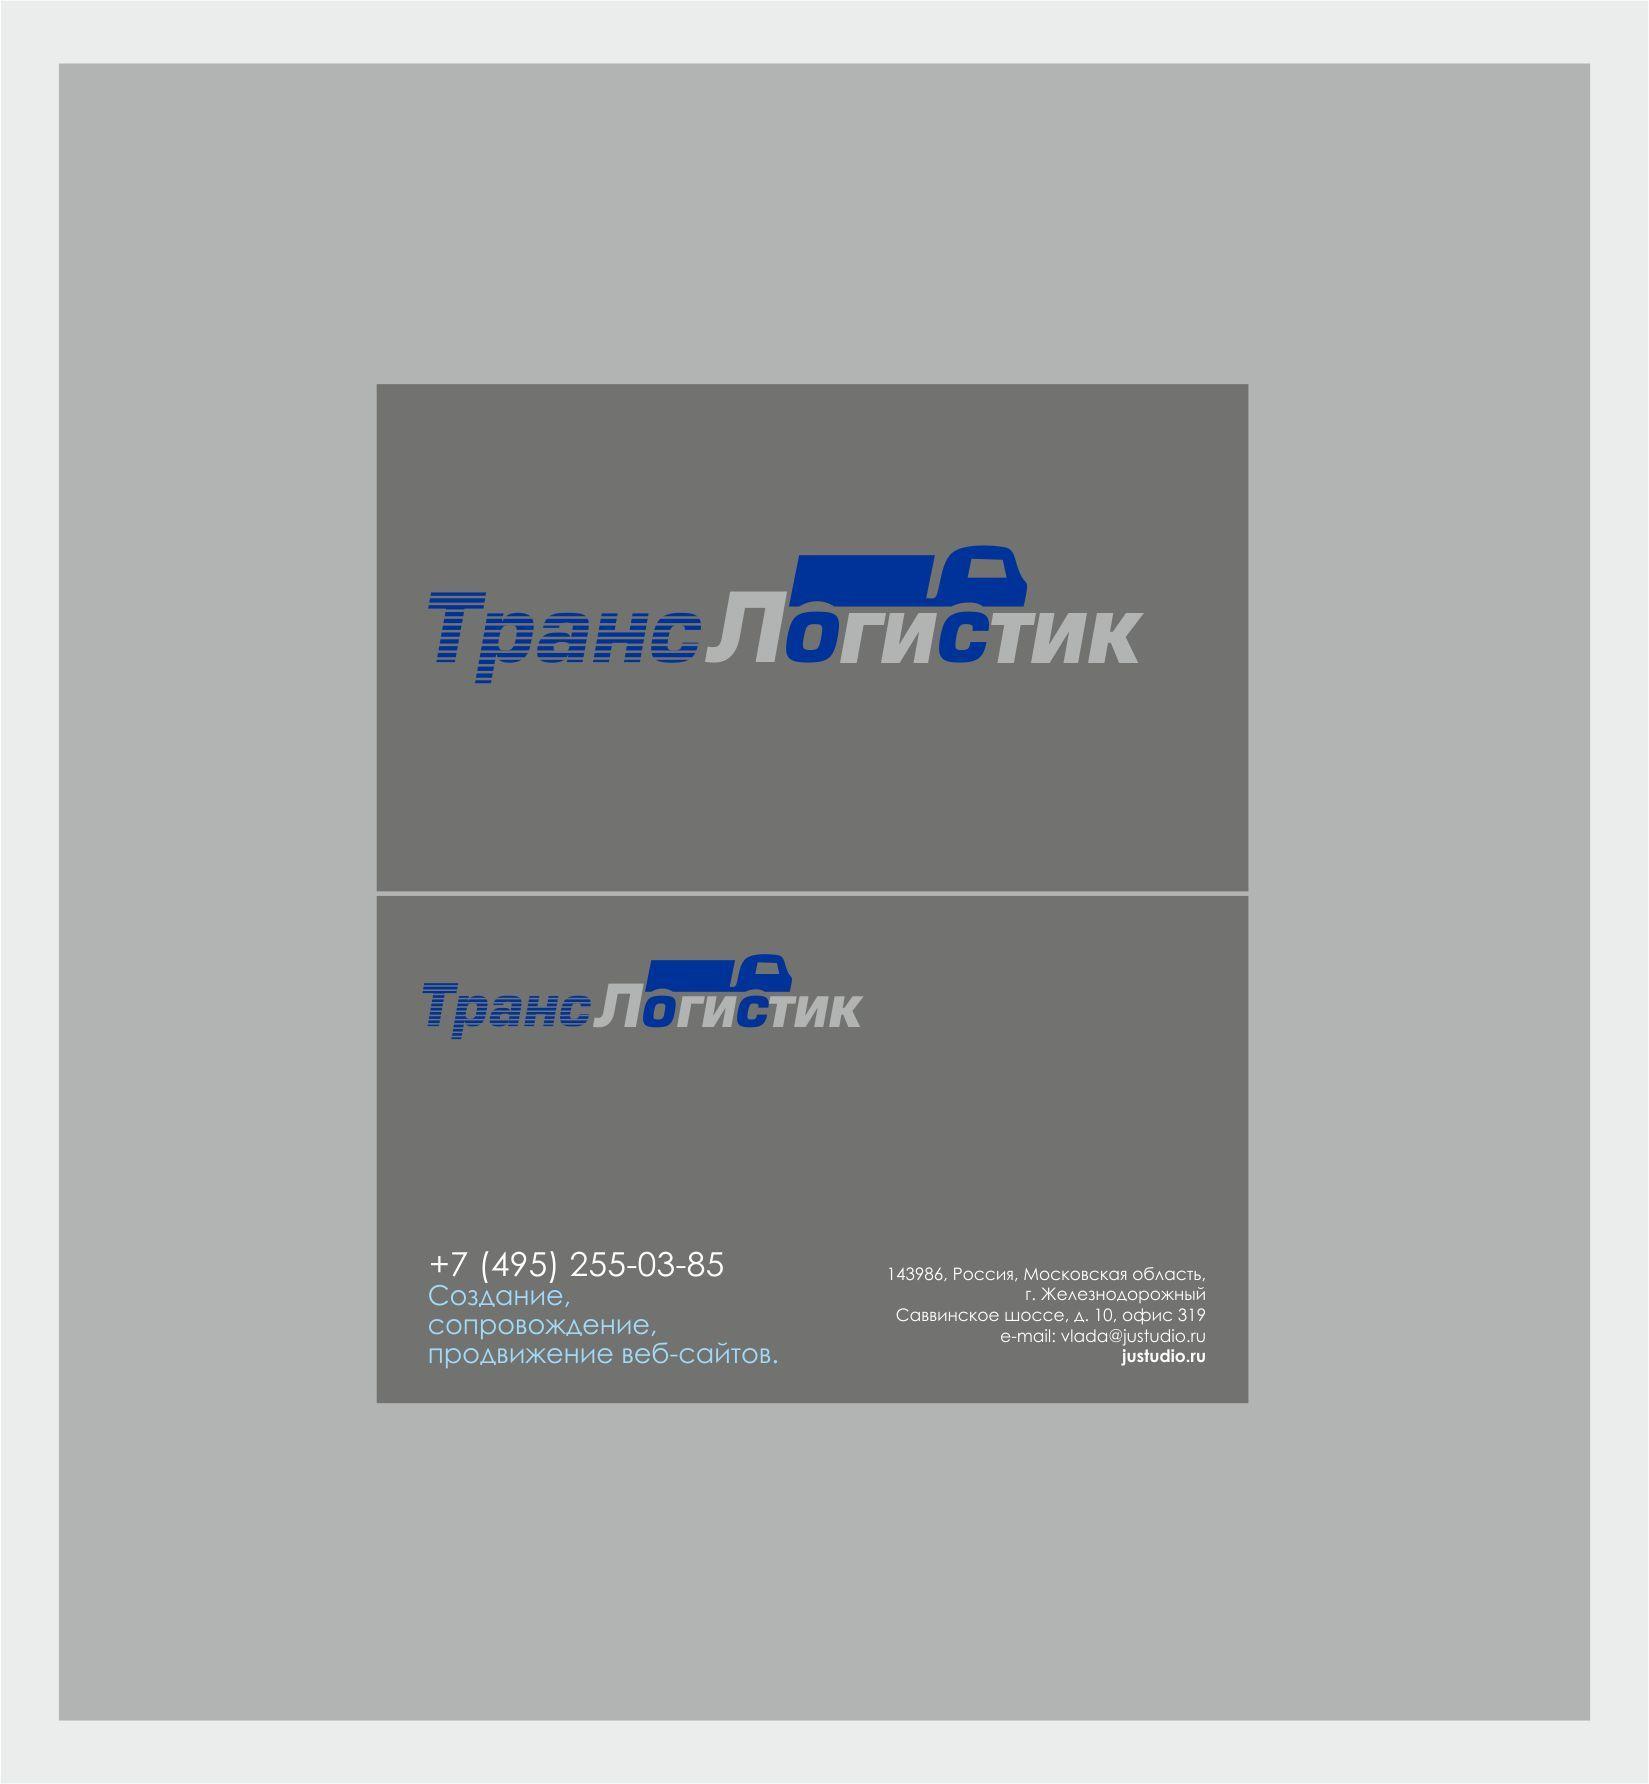 Логотип и визитка для транспортной компании - дизайнер DaryaVladi